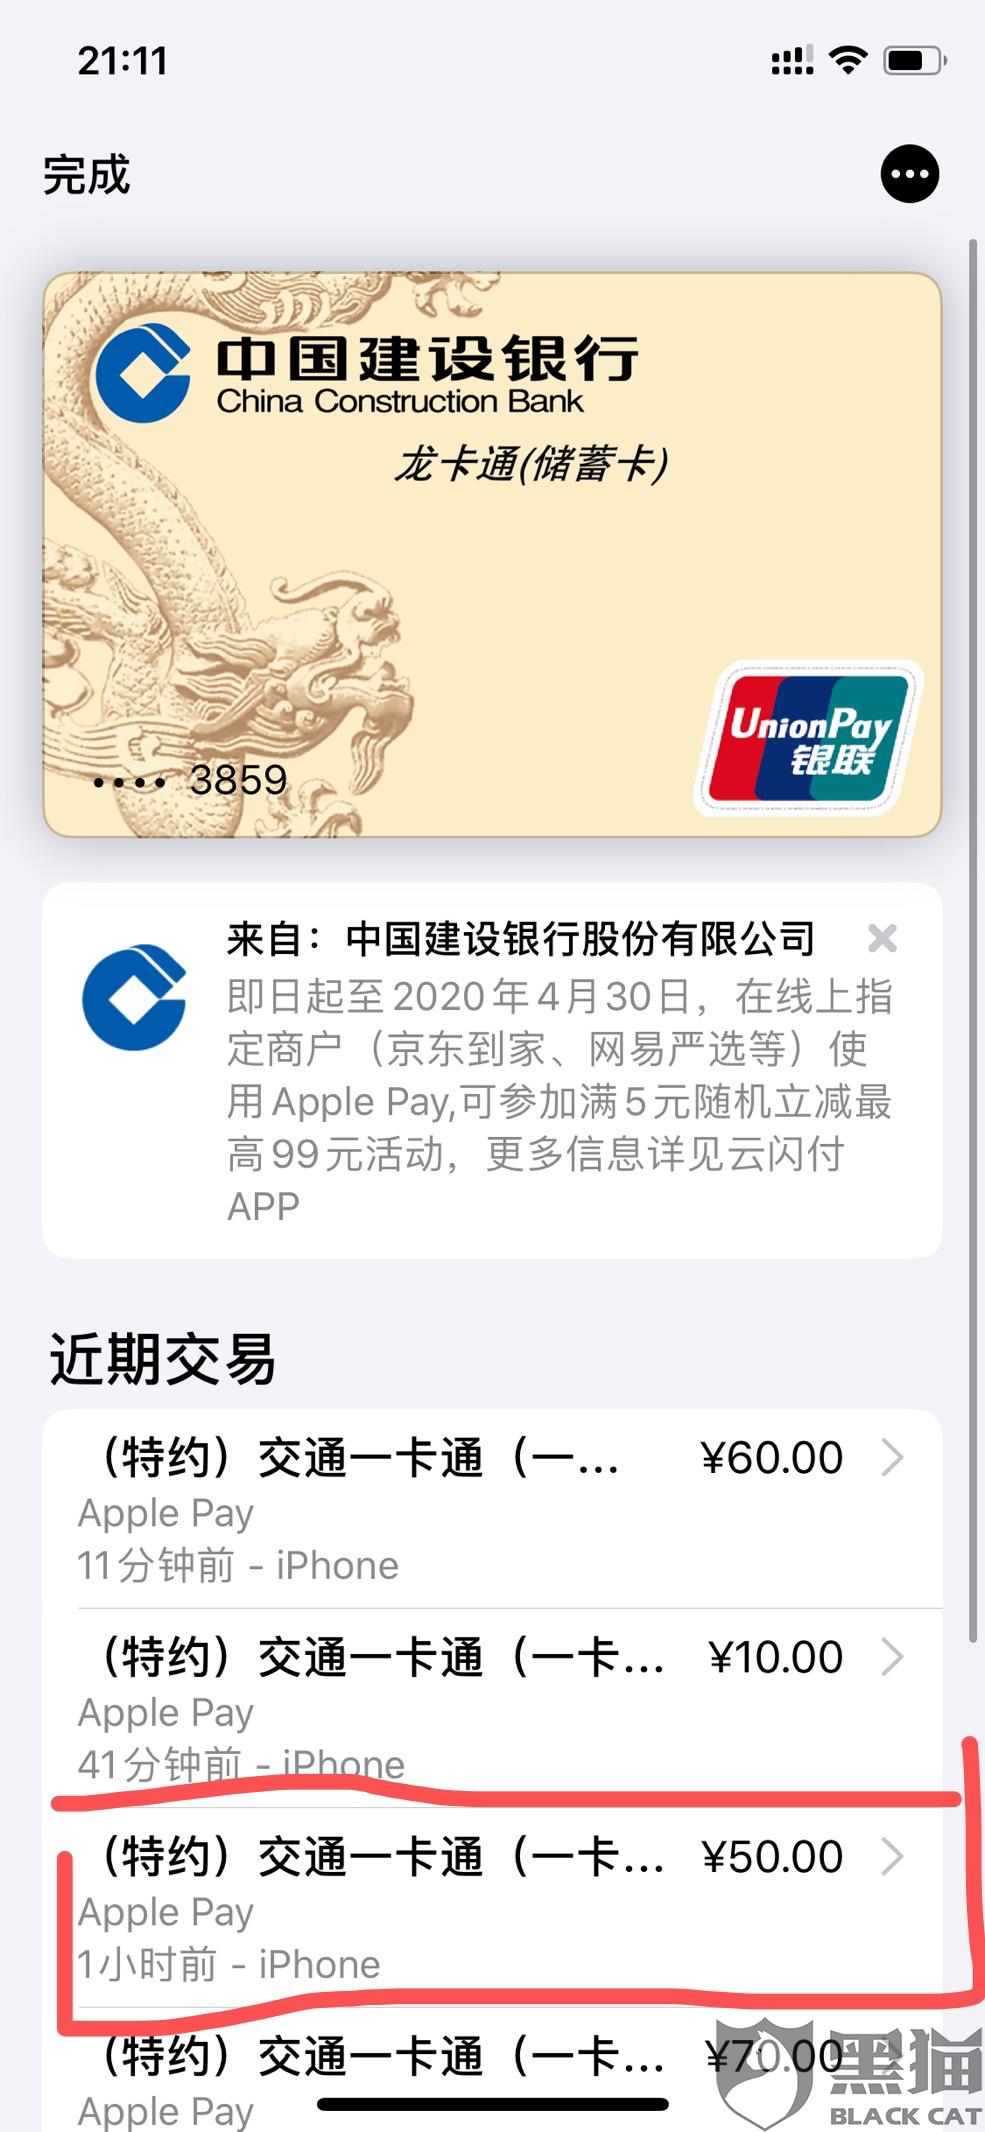 黑猫投诉:用苹果钱包充值一卡通50元 绑定Applepay的银行卡被扣款 但一卡通没到账